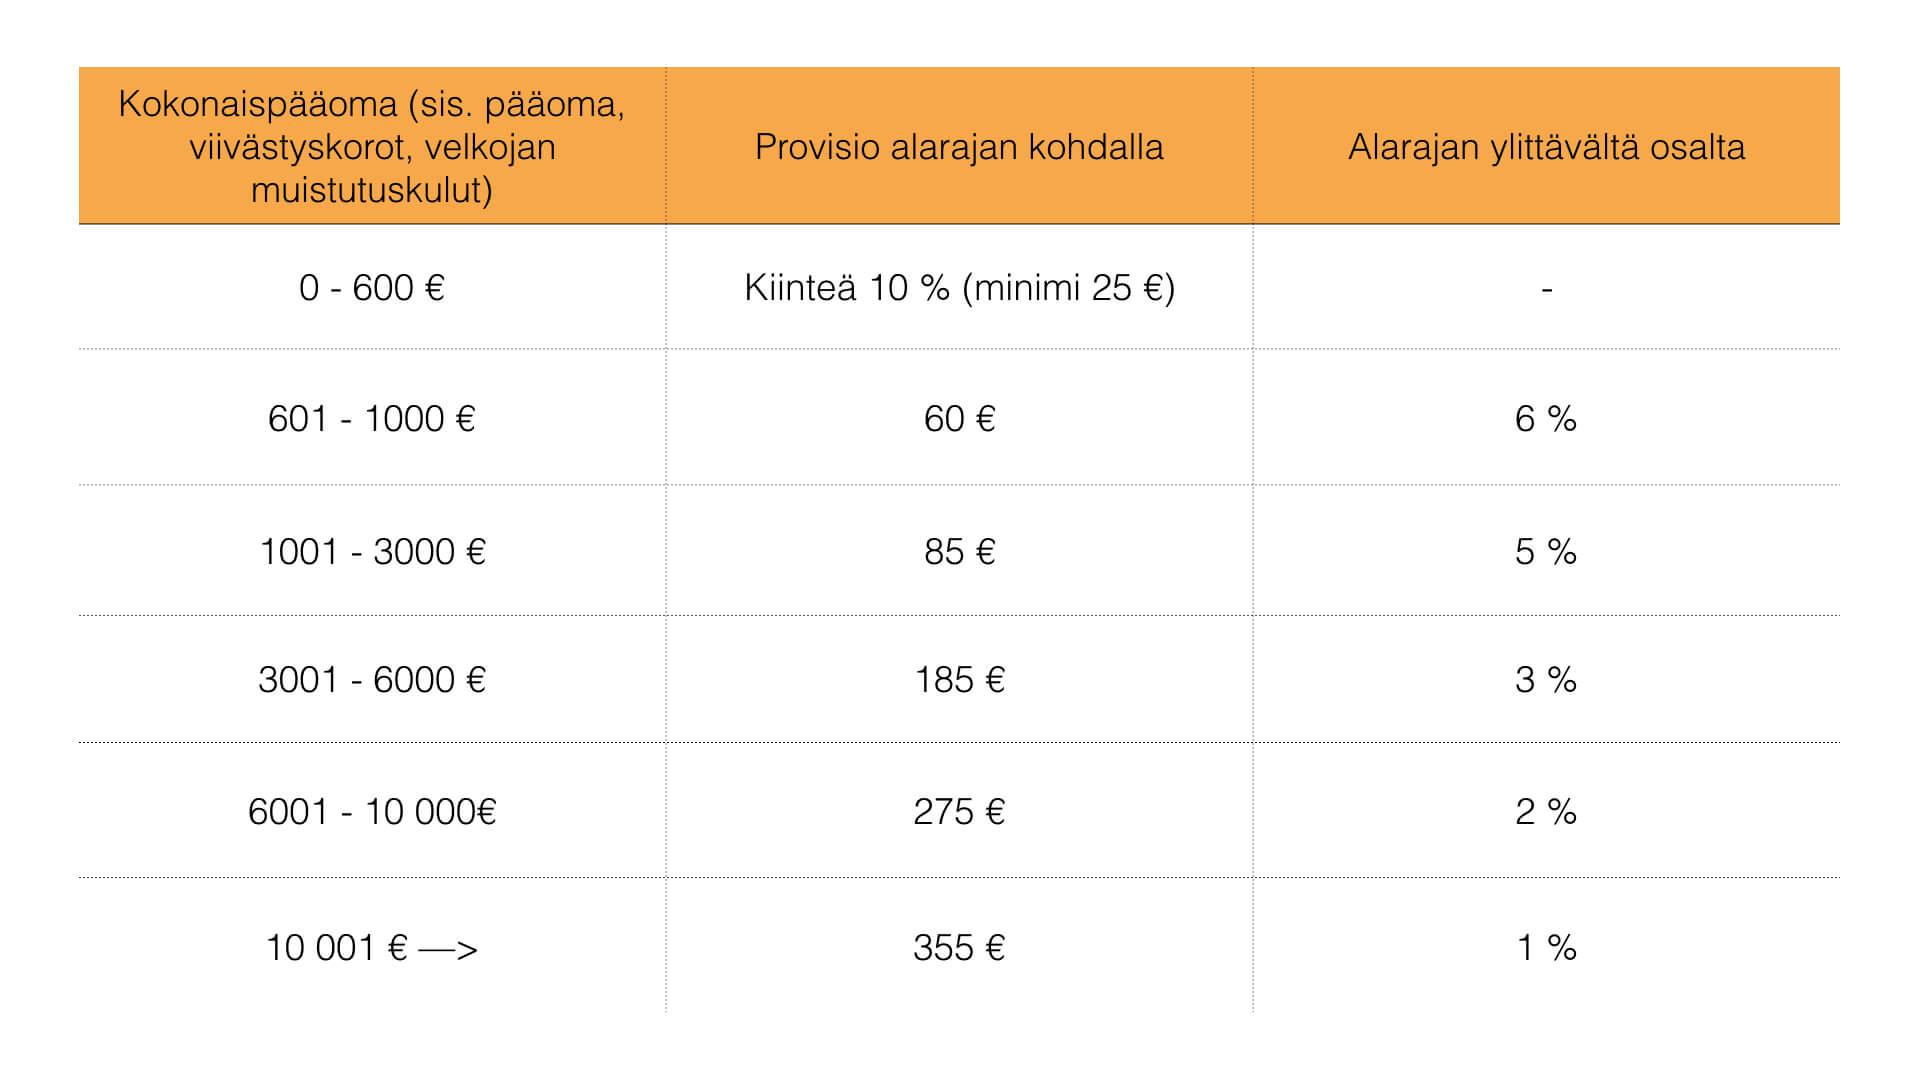 Perintäritarin hinnaston provisiotaulukko